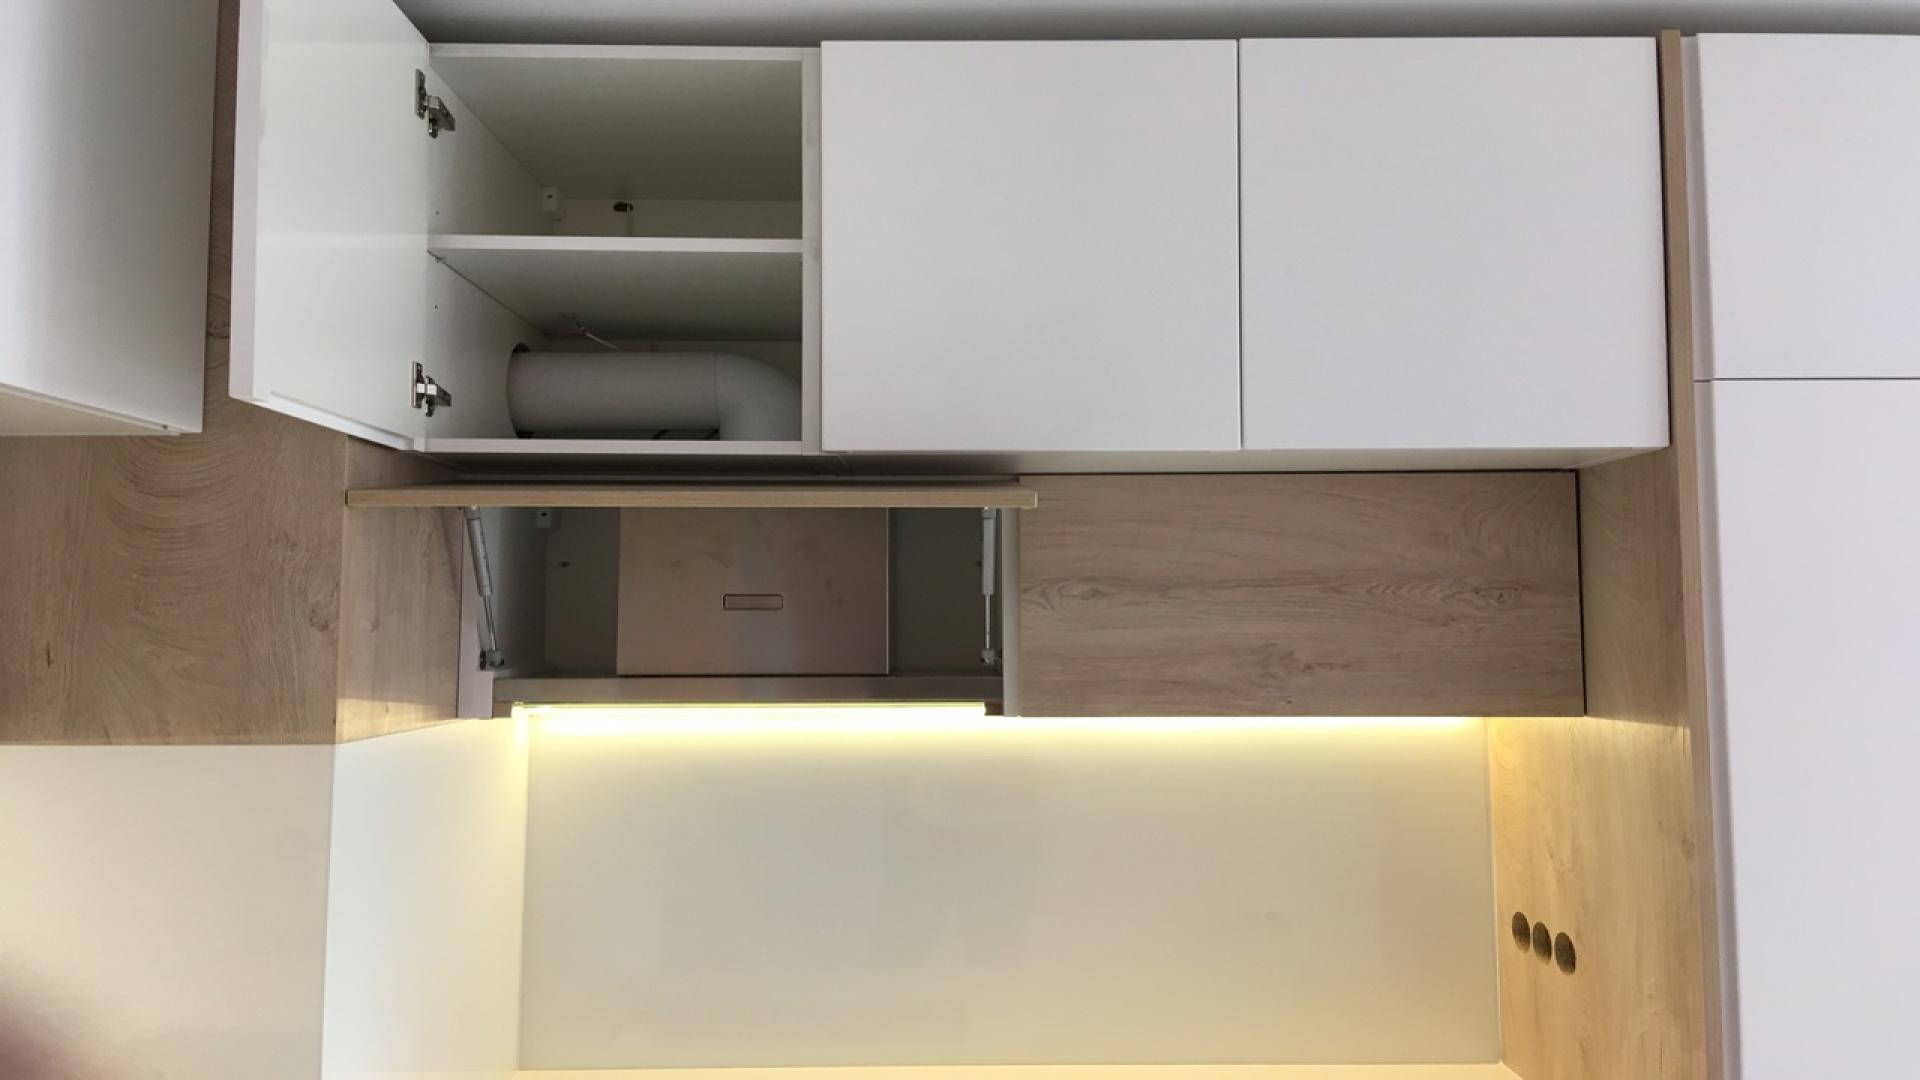 kuhnq-po-proekt-Kitchen-М&К-furnish-design